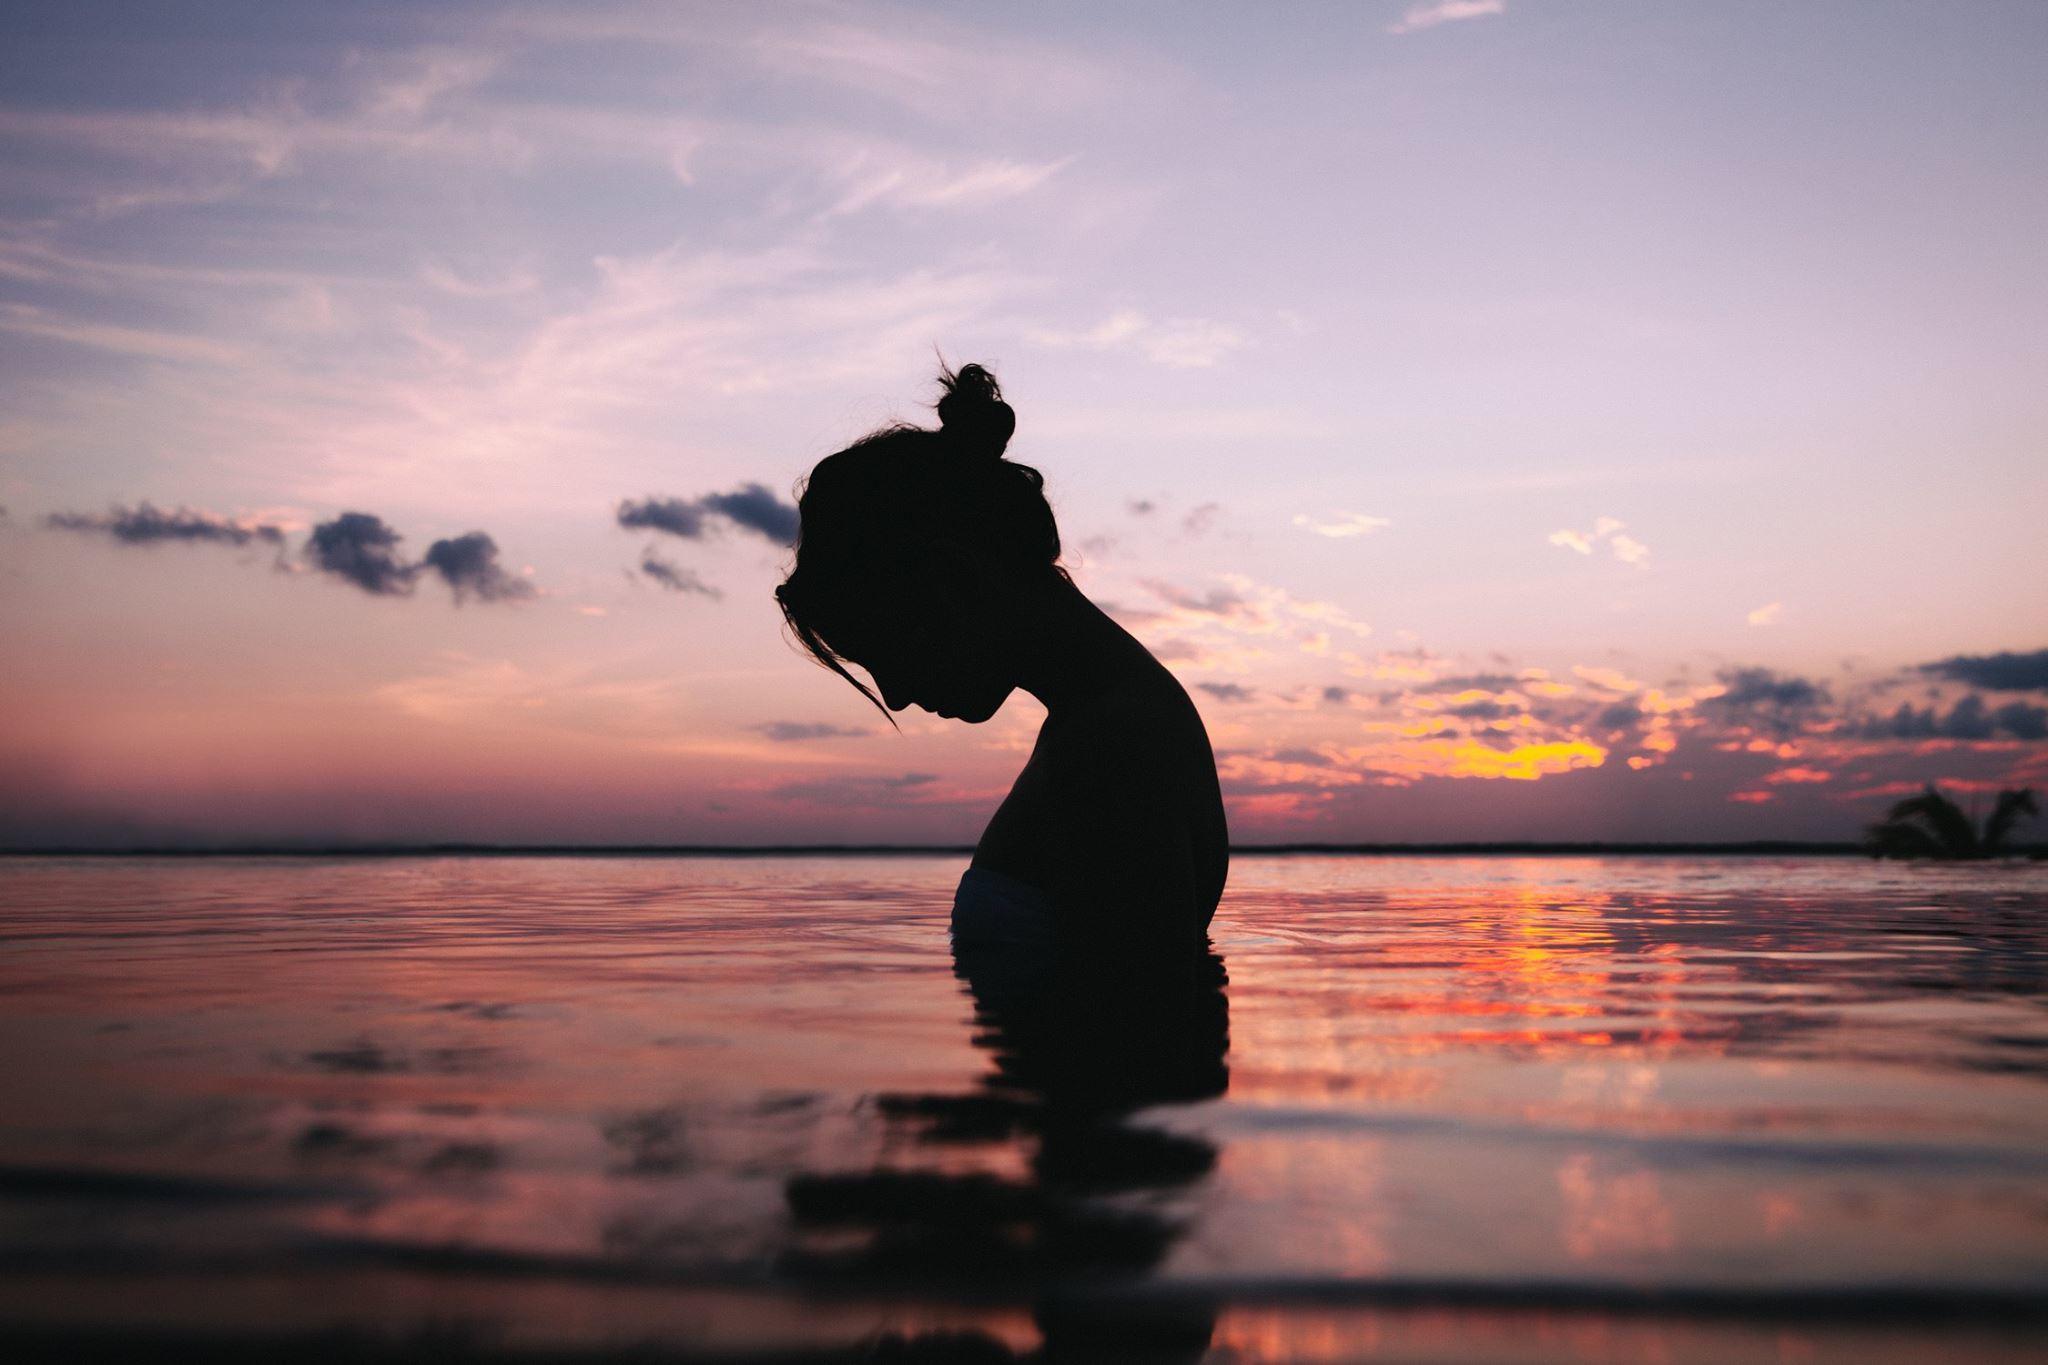 Hình nền buồn cô gái đứng dưới nước cúi đầu